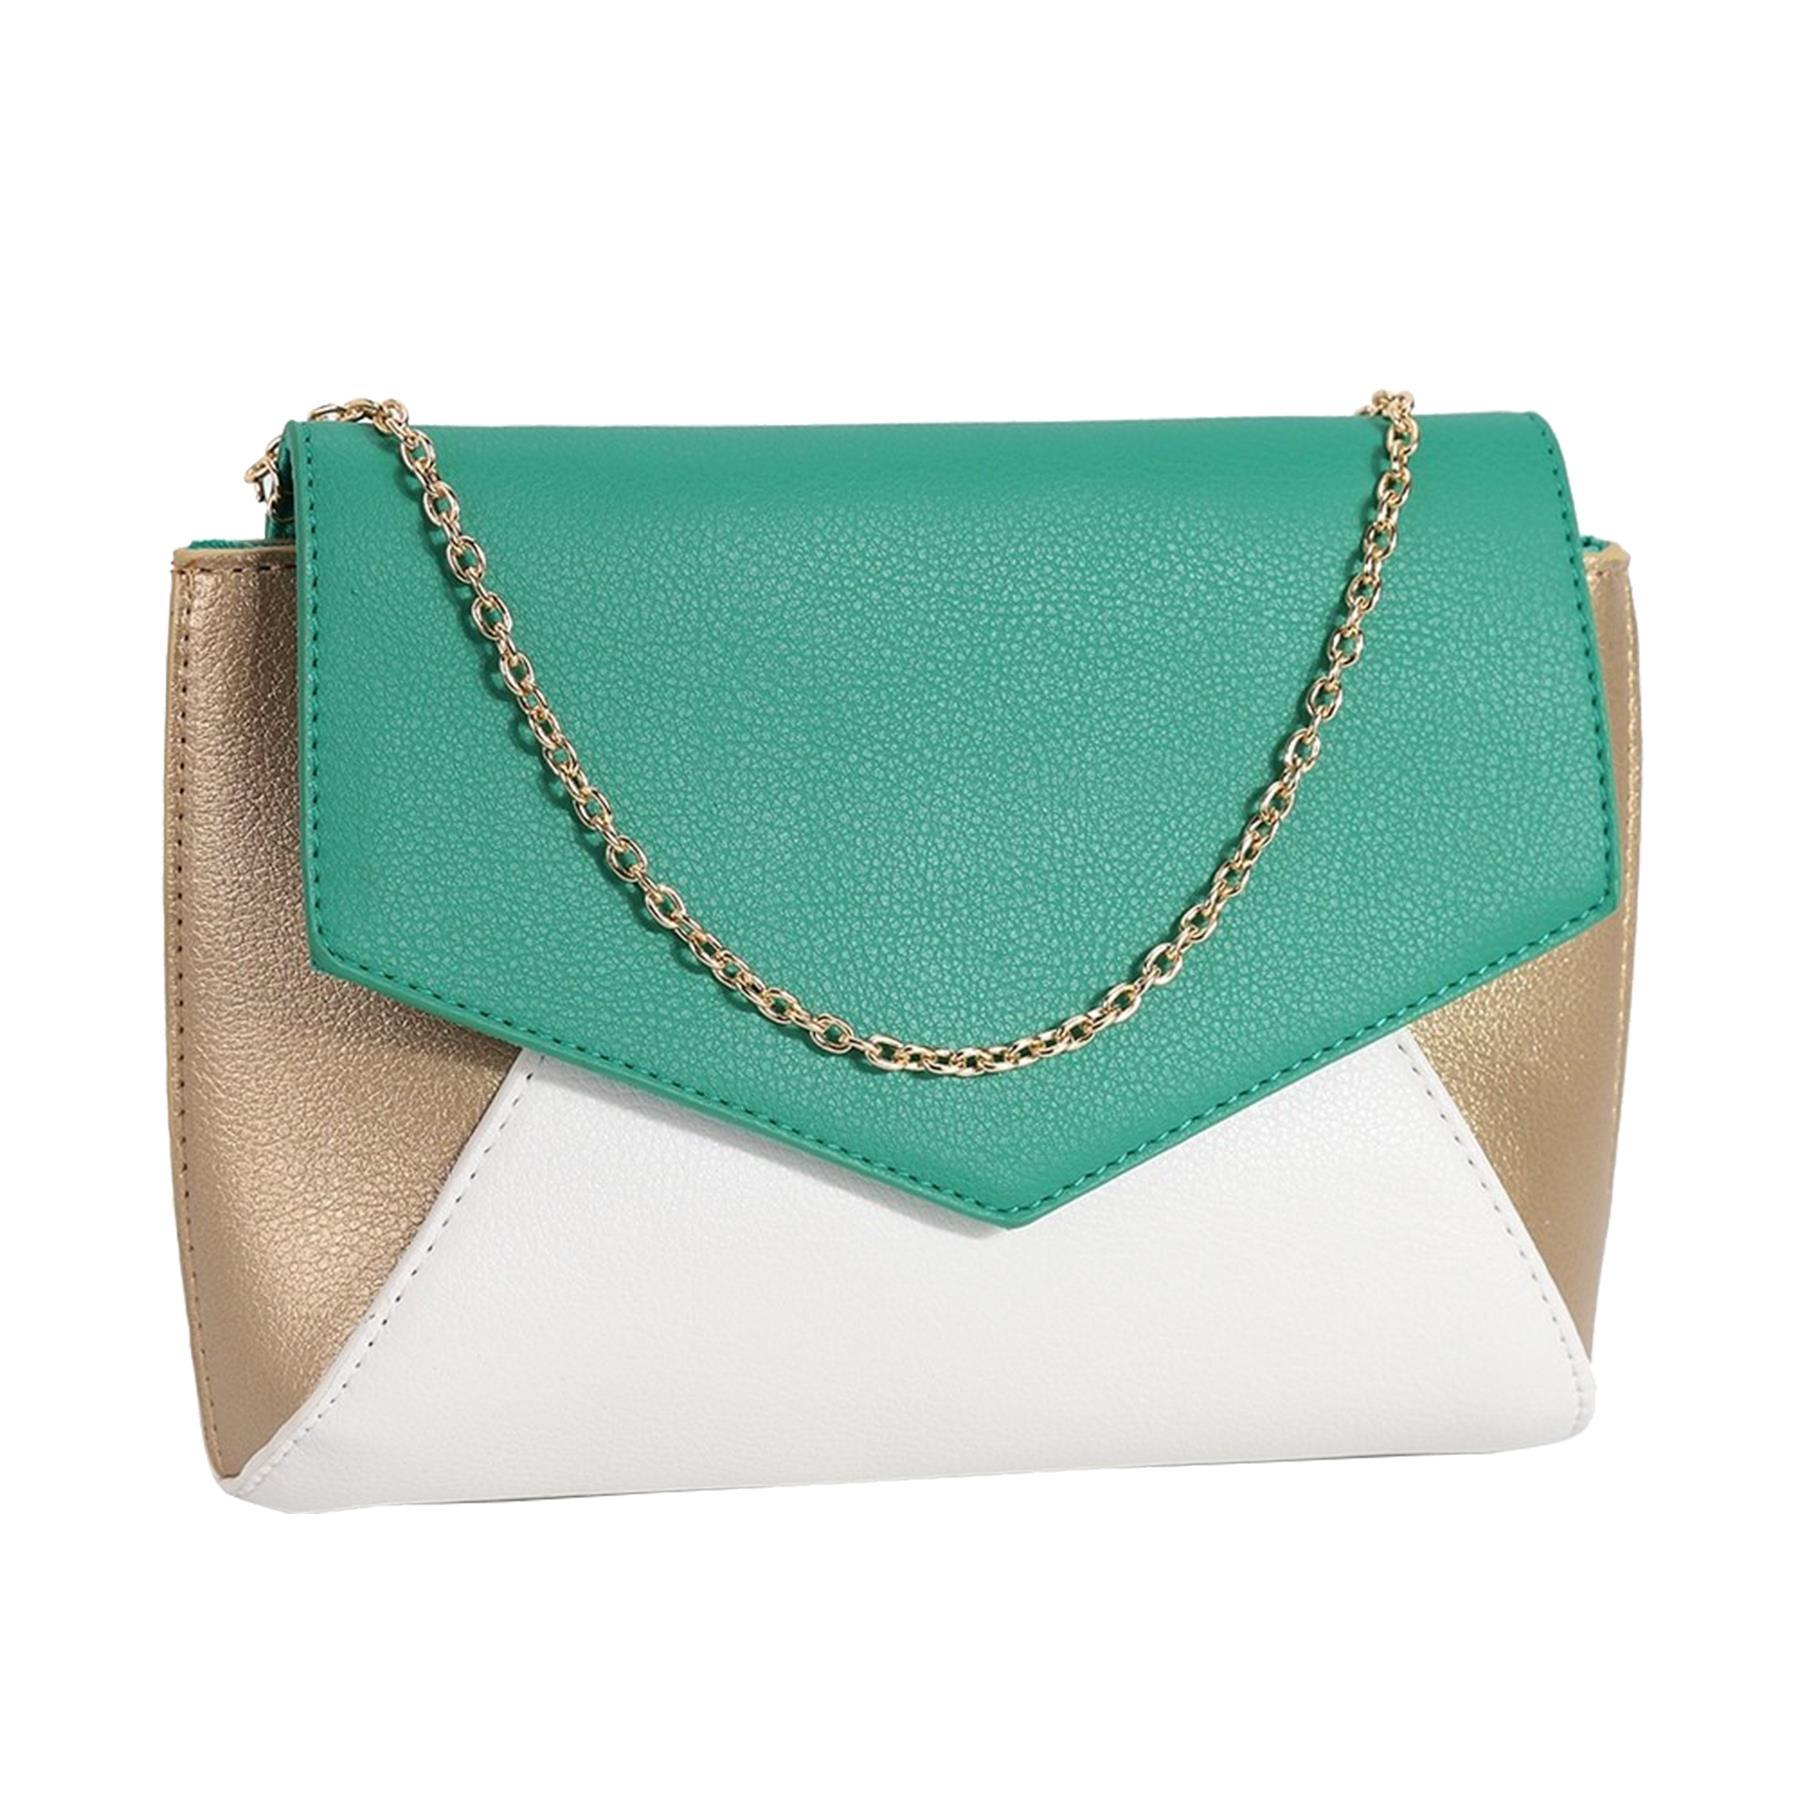 New-Women-s-Faux-Leather-Patent-Multicolour-Envelope-Clutch-Bag-Purse thumbnail 9